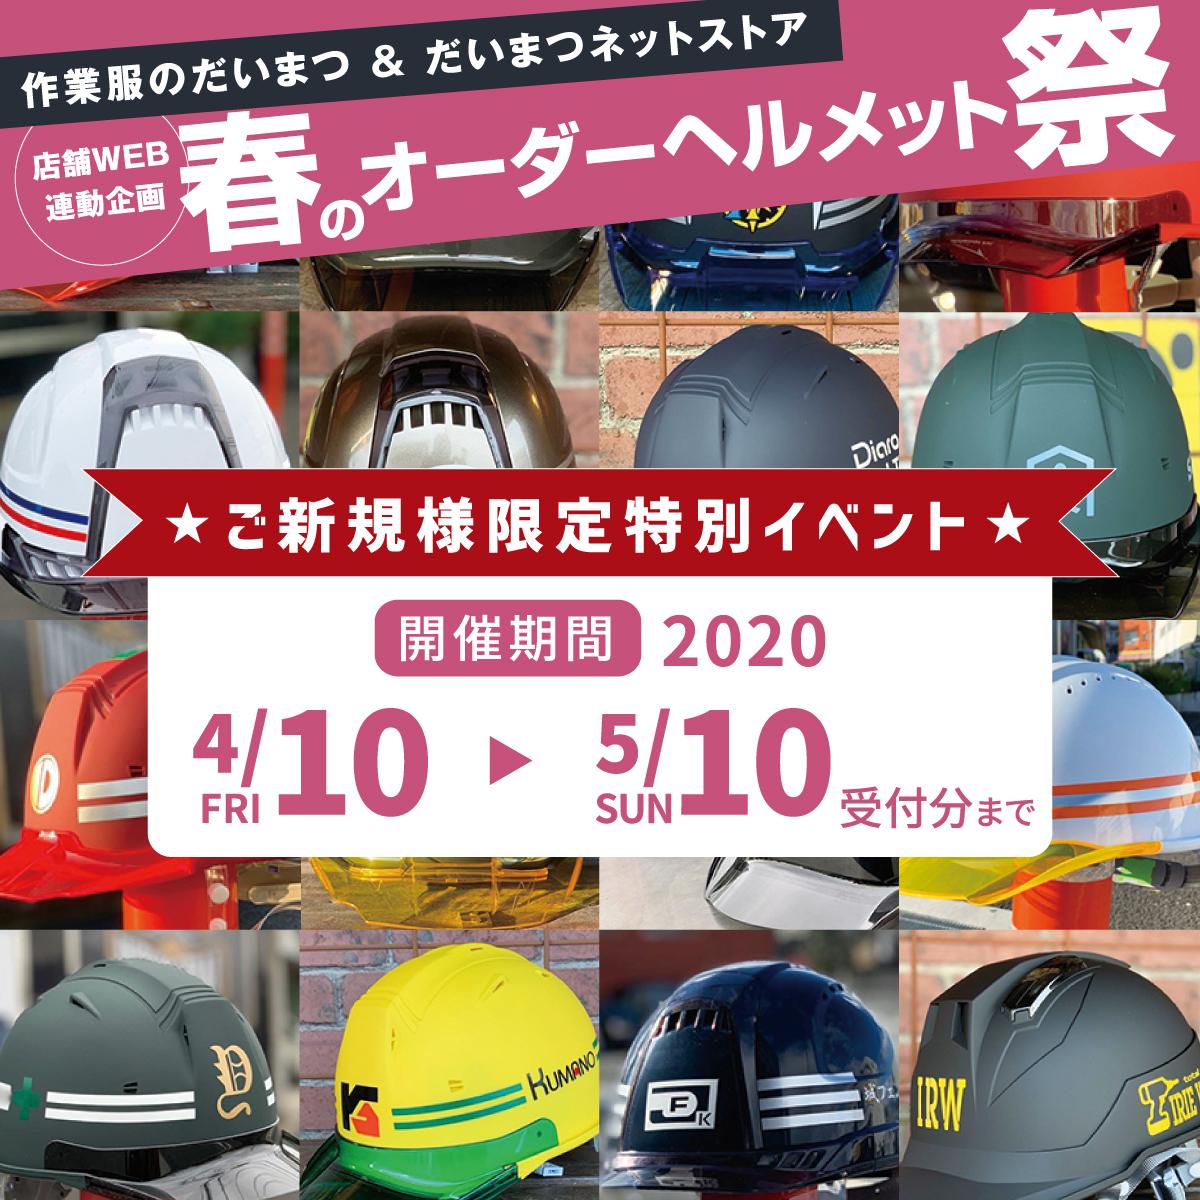 俺だけのデザインで主張する!世界でたった1つのオーダーヘルメット